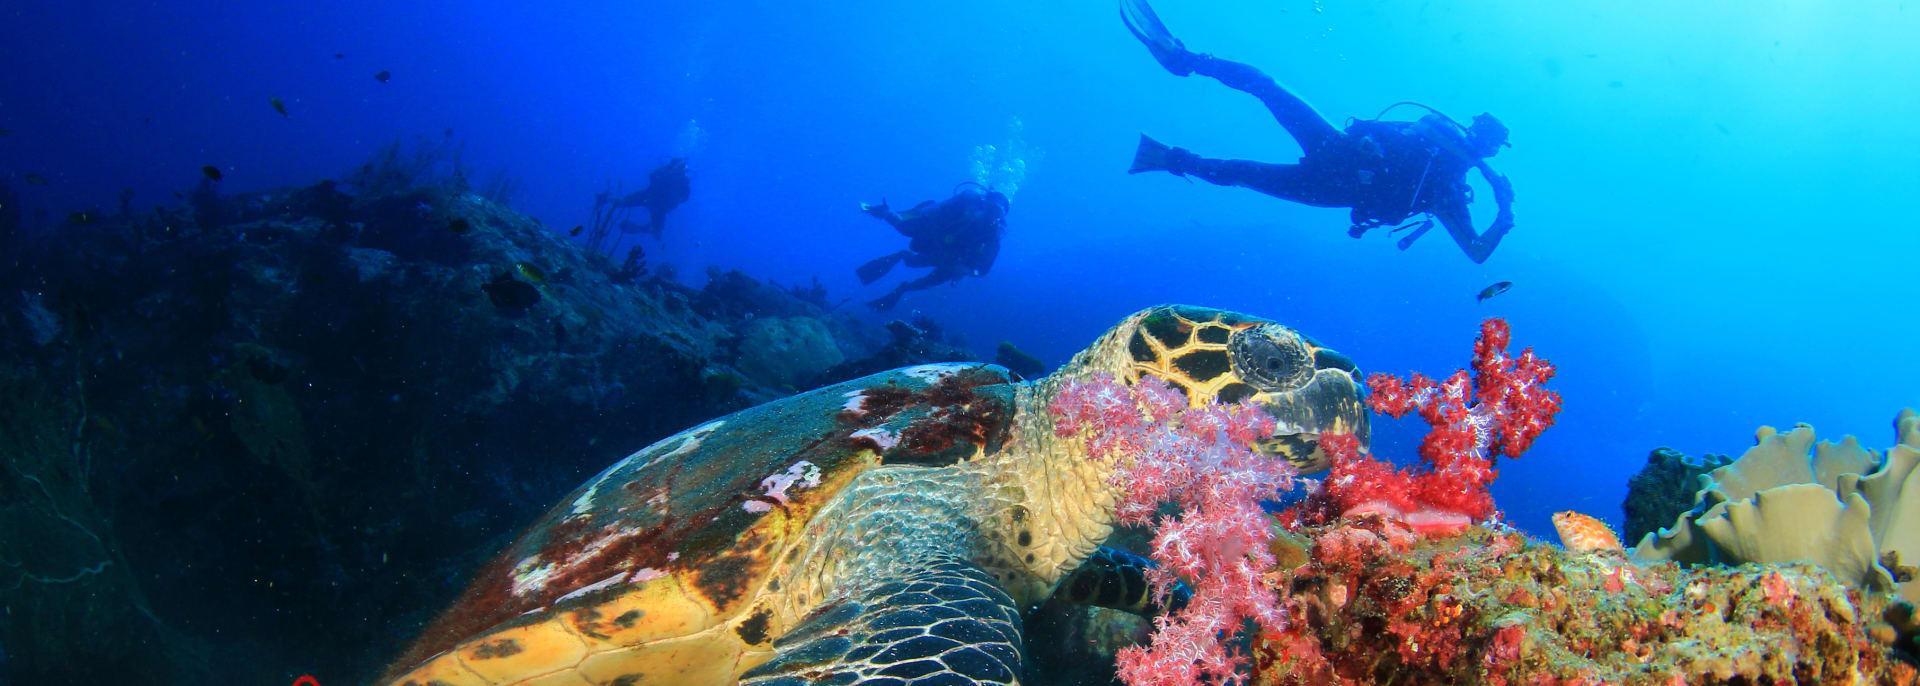 Unterwasserwelt mit Taucher